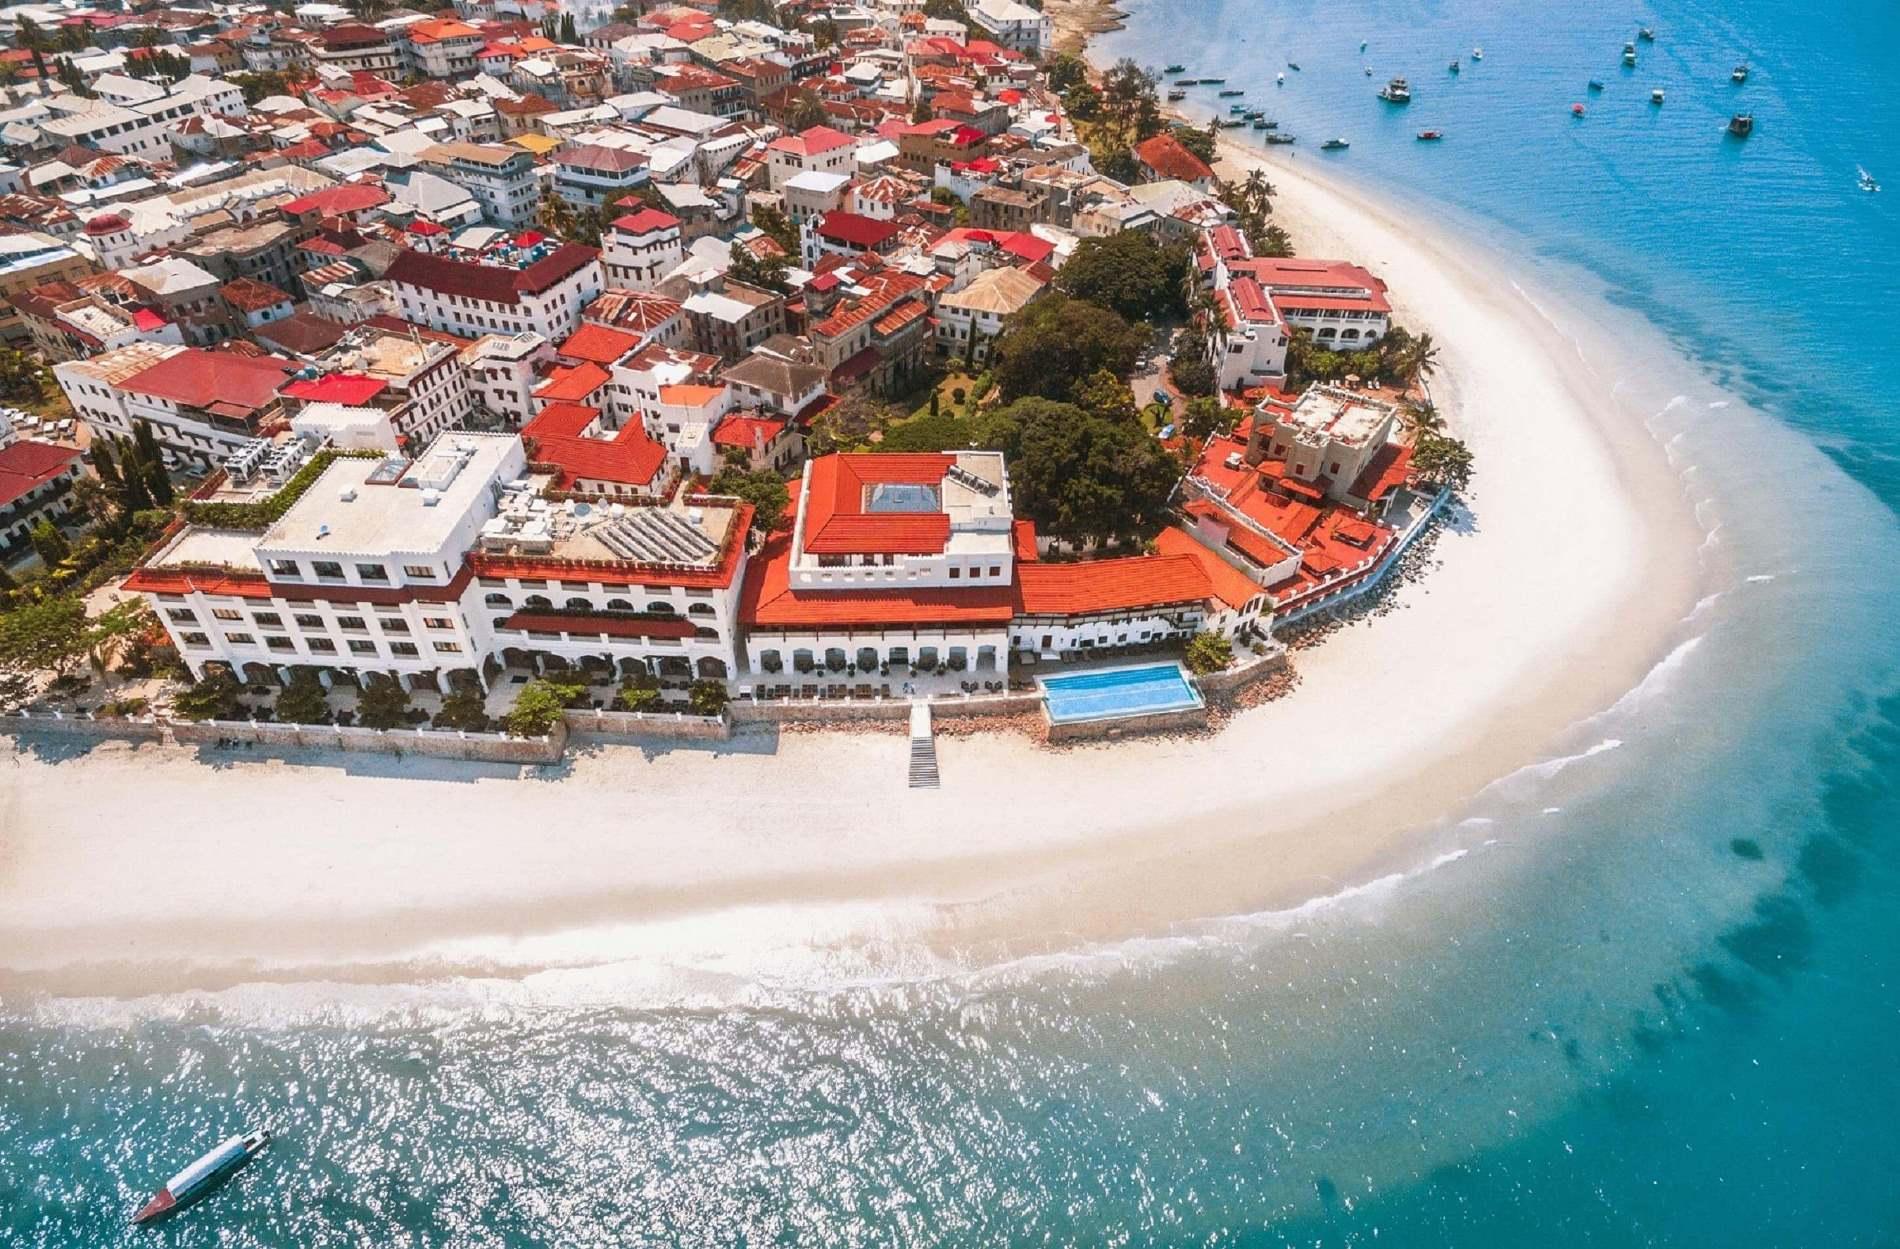 Лучшие отели на Занзибаре по отзывам туристов